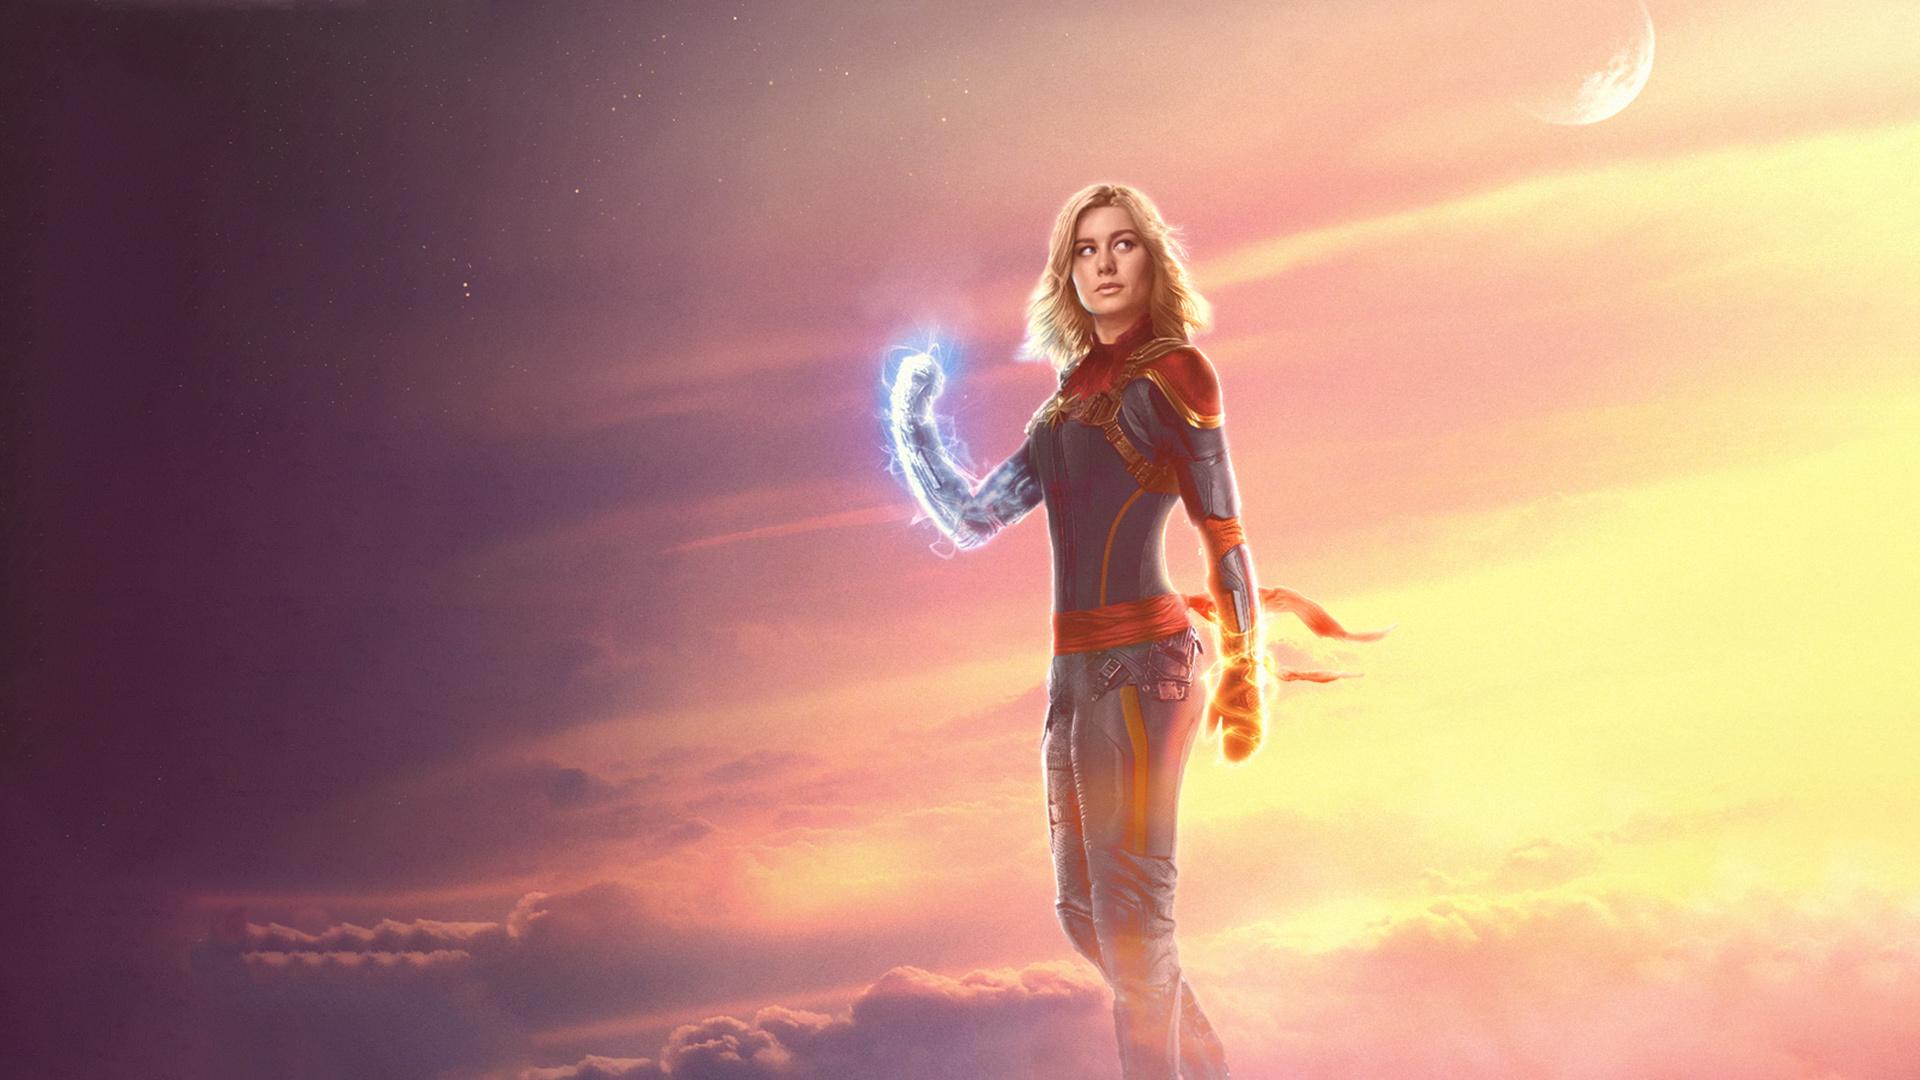 В новом видео фильма «Капитан Марвел» показали Железного человека